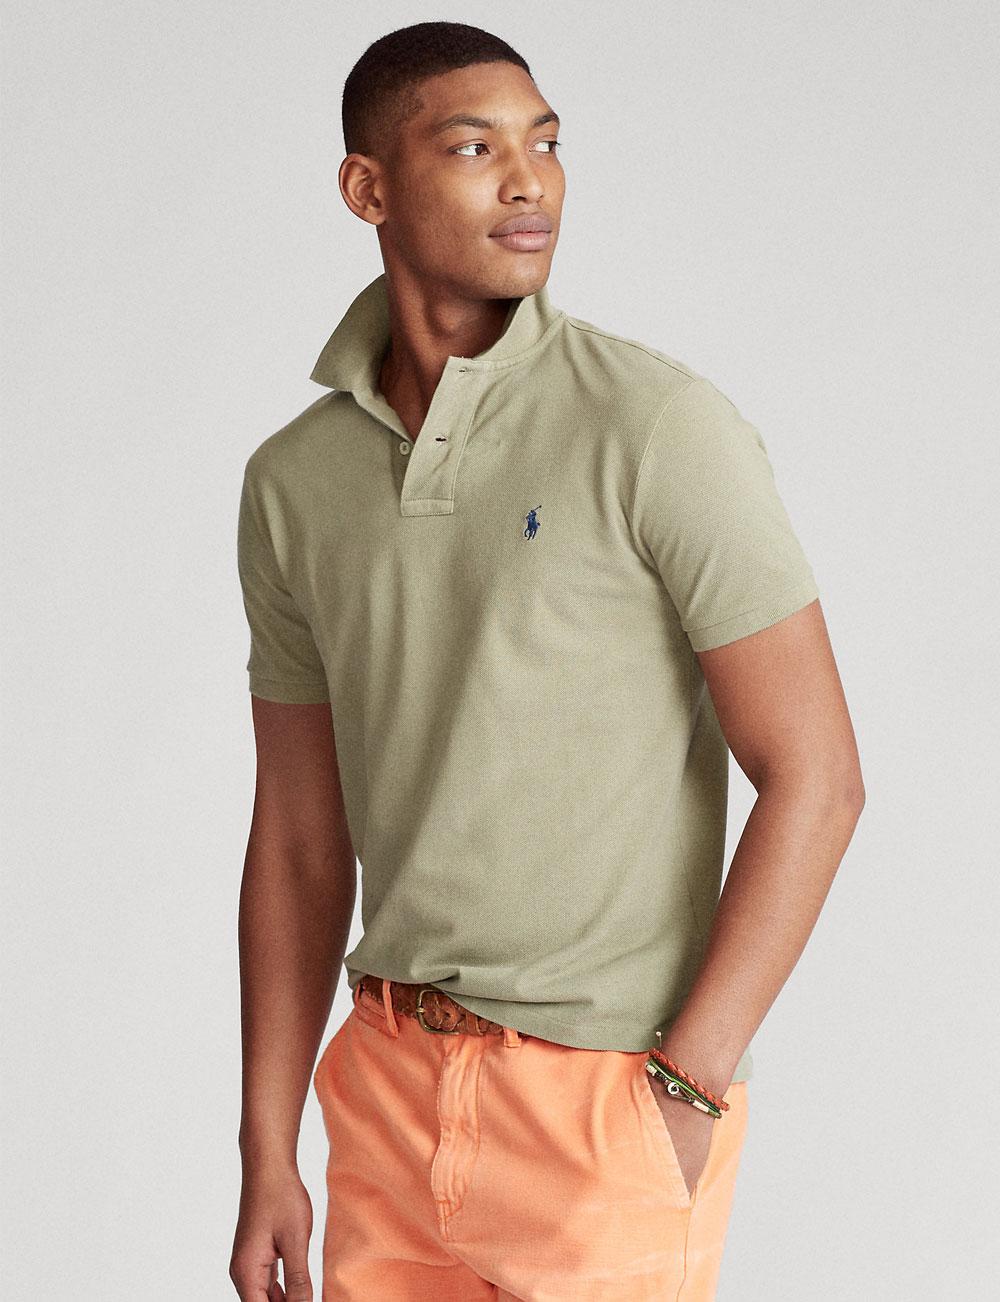 Fête des pères : polo manches courtes cintré olive clair pour homme Polo Ralph Lauren